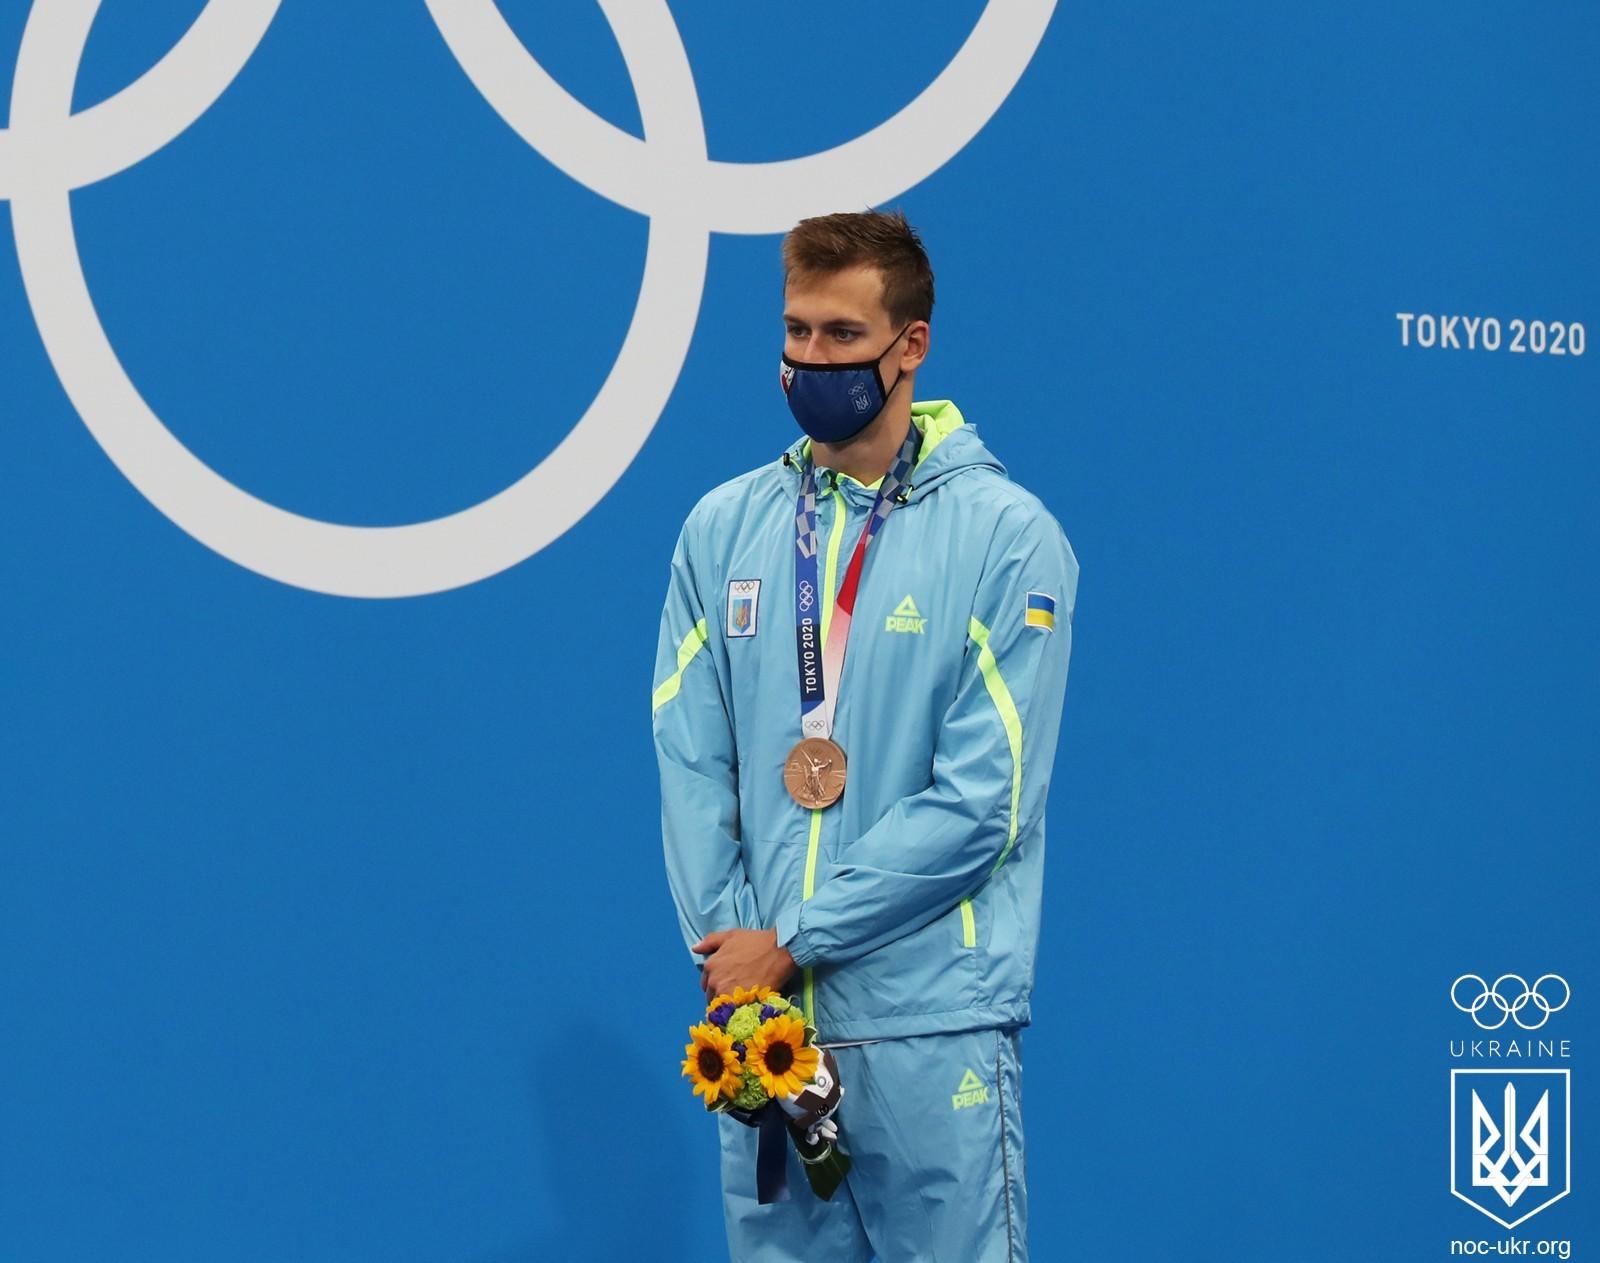 Олімпійські ігри з Юрієм Турянським. День 7-й. Перша медаль за 17 років